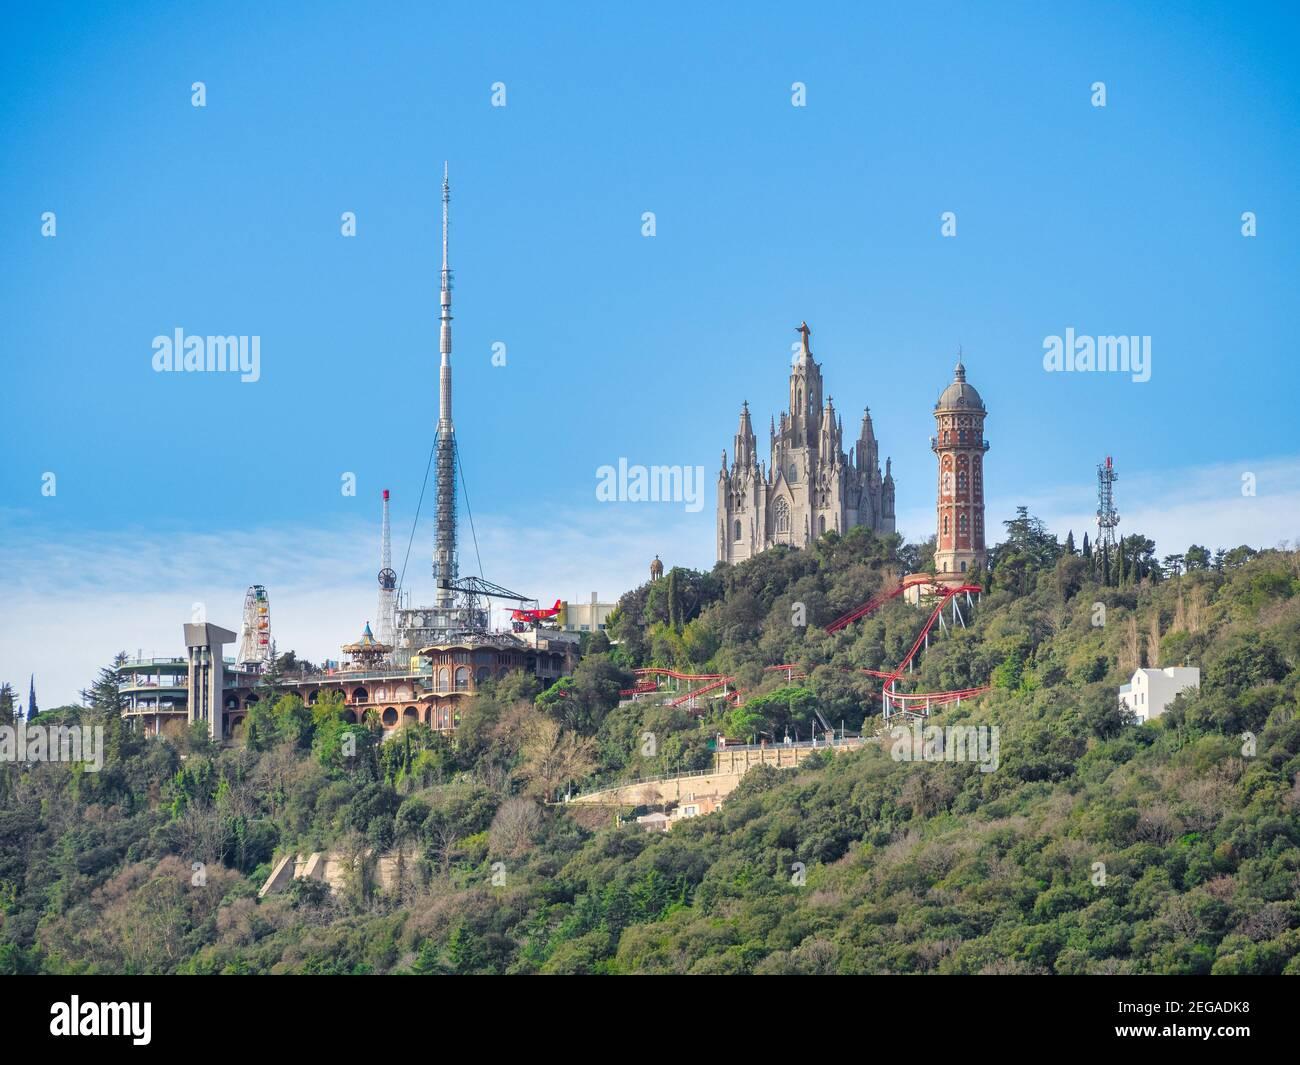 Der Gipfel des Berges Tibidabo, der höchste Punkt der Stadt Barcelona, Spanien. Sichtbar sind die Kathedrale des Heiligen Herzens, der Vergnügungspark, ein Stockfoto